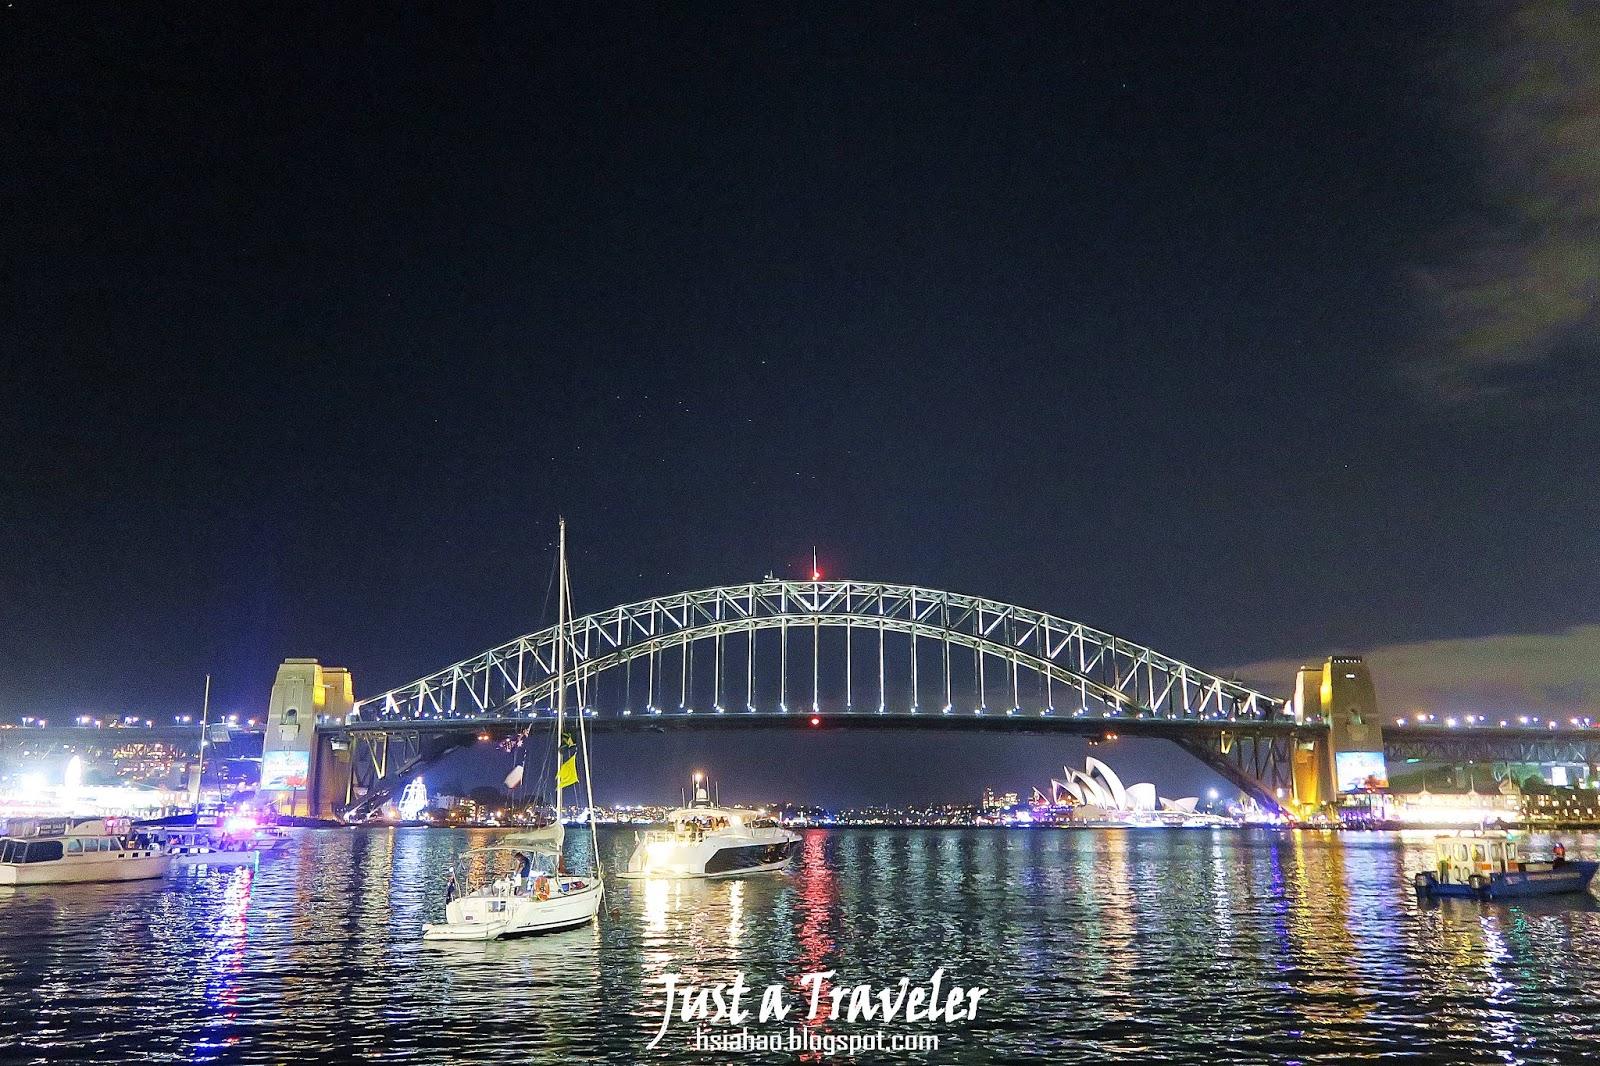 雪梨-跨年-港灣大橋-Harbour-Bridge-夜景-煙火-賞點-推薦-旅遊-自由行-澳洲-Sydney-Tourist-Attraction-Travel-Australia